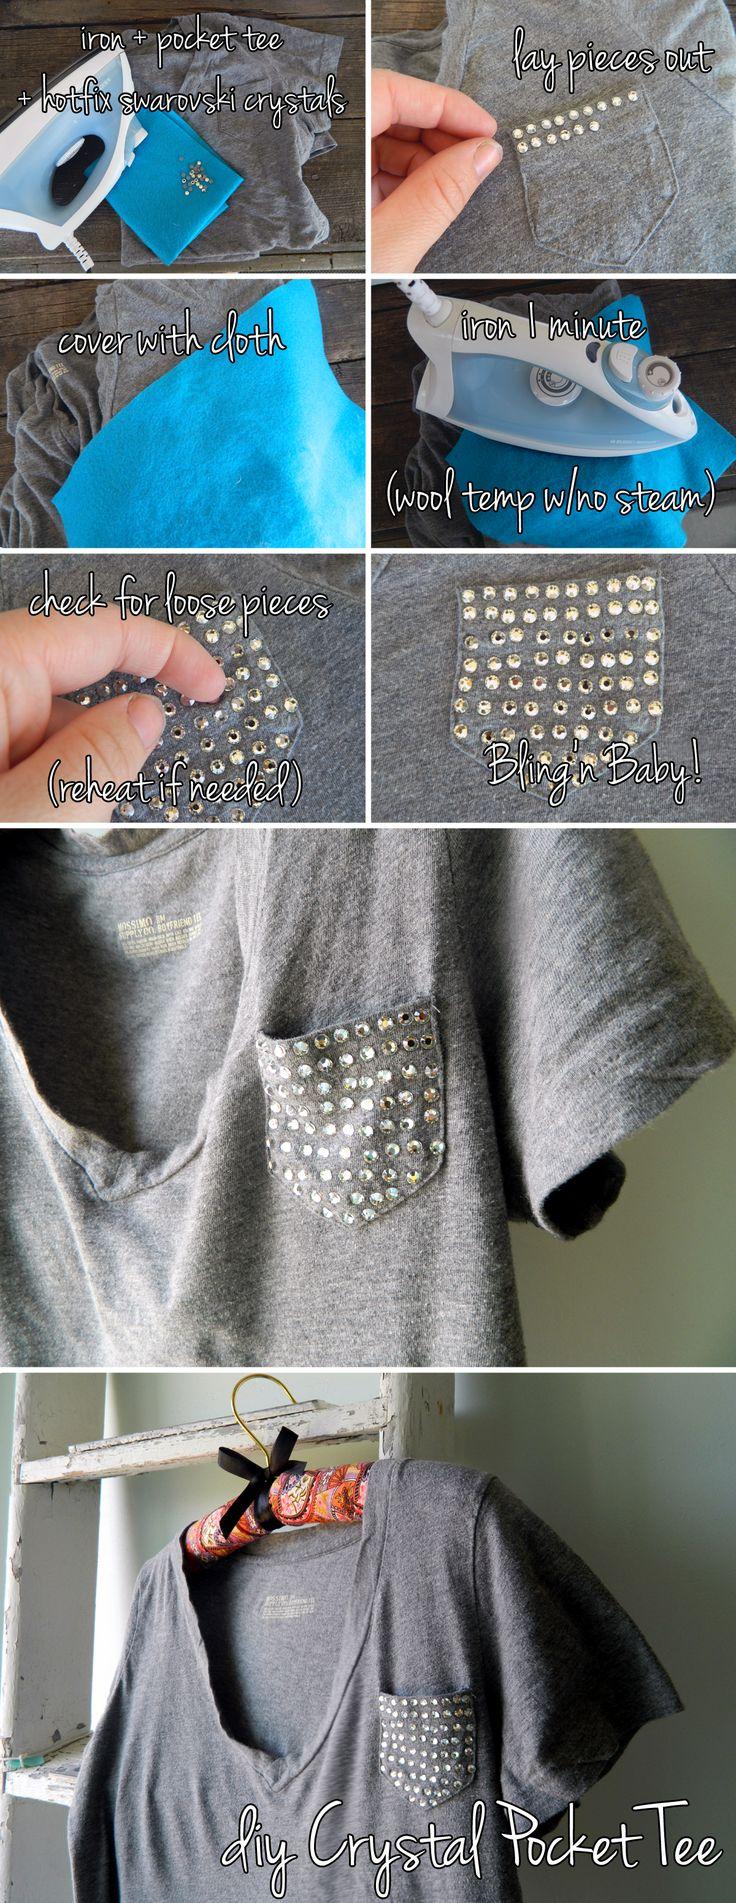 Swarovski Crystal Pocket Tee DIY - I want to make a DIY pocket tee SO bad and this would be adorable!